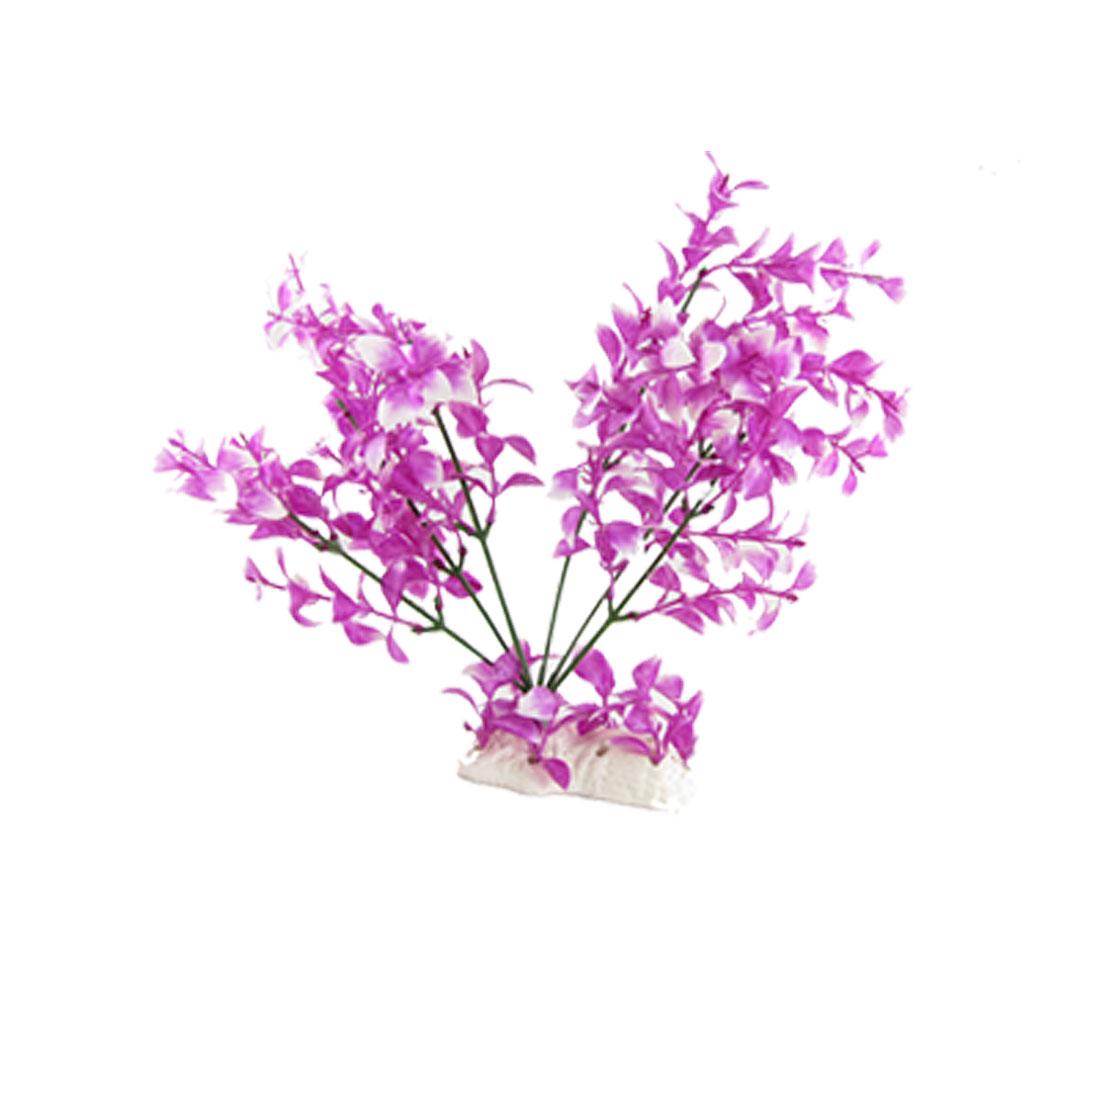 Purple White Tie dye Plastic Aquatic Plant Aquarium Decor